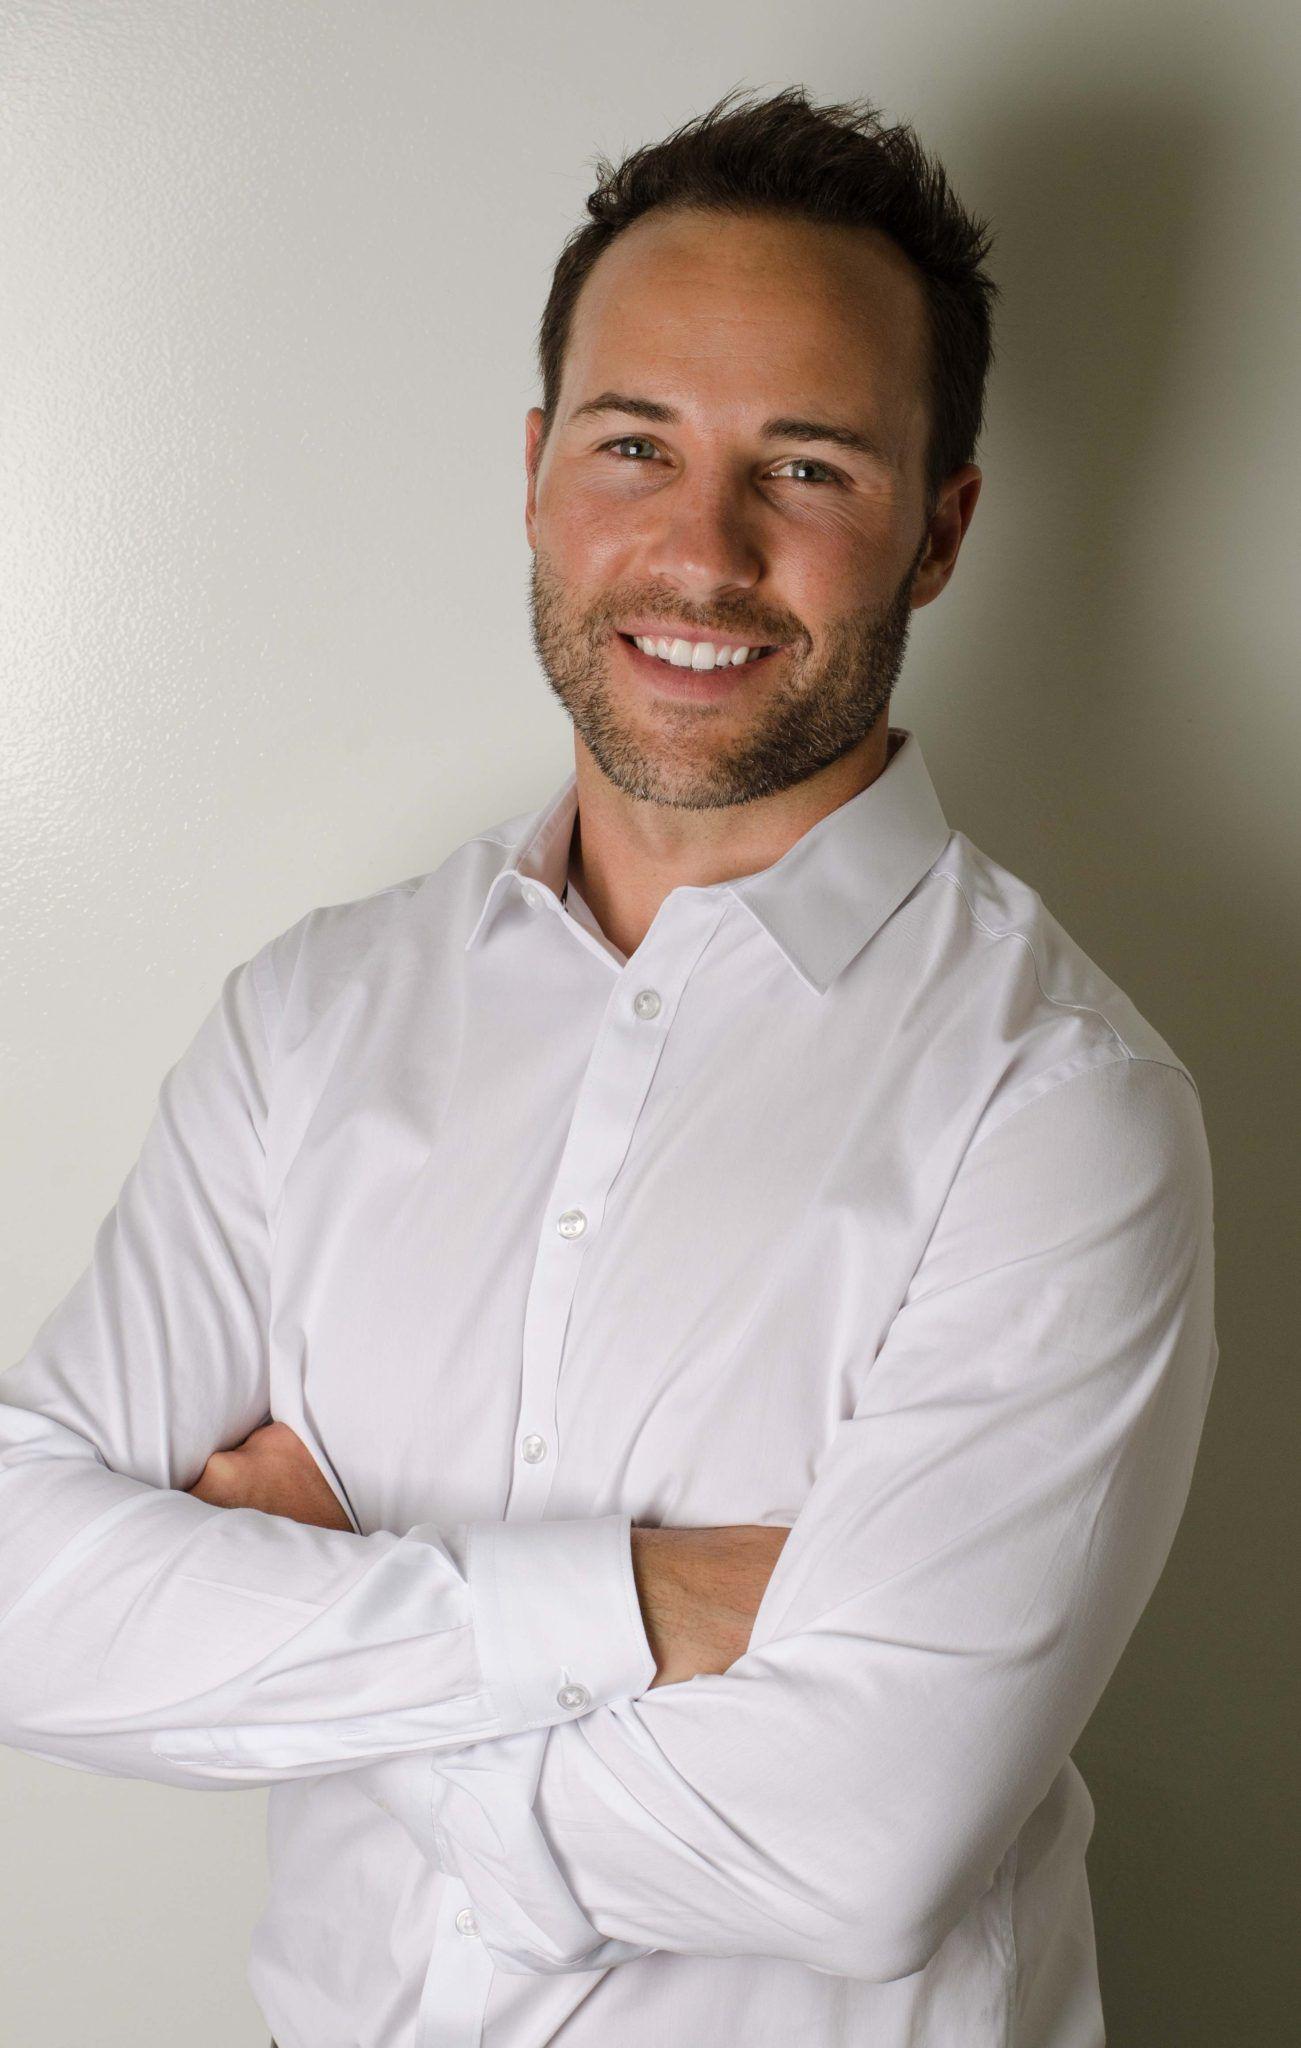 Dr. Michael Bogden, DPT